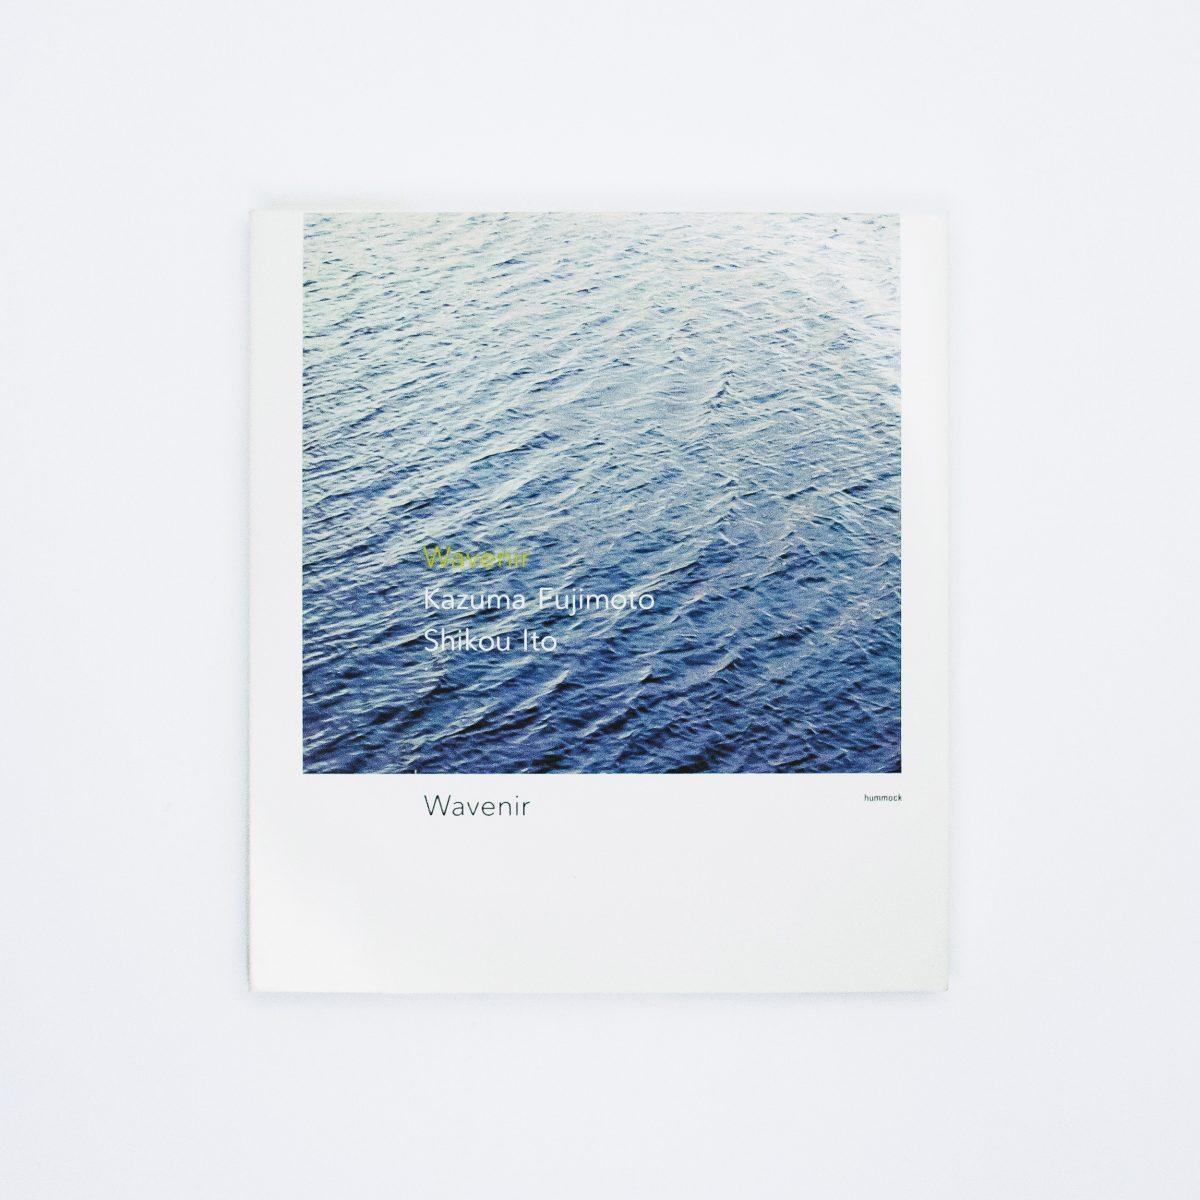 Hummock Label|藤本一馬 - 伊藤志宏|『Wavenir / ウェヴニール』音楽CDジャケット|グラフィックデザイン パッケージデザイン 写真 コピー